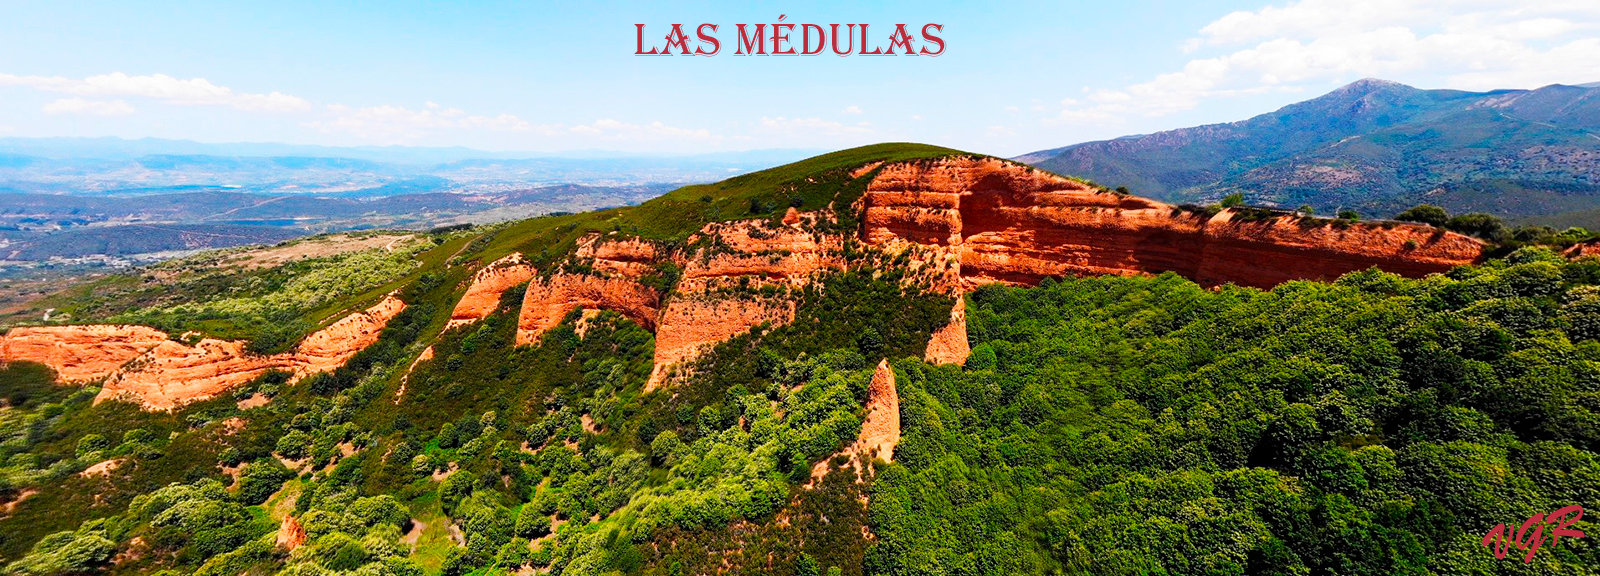 Las Medulas-14-WEB.jpg